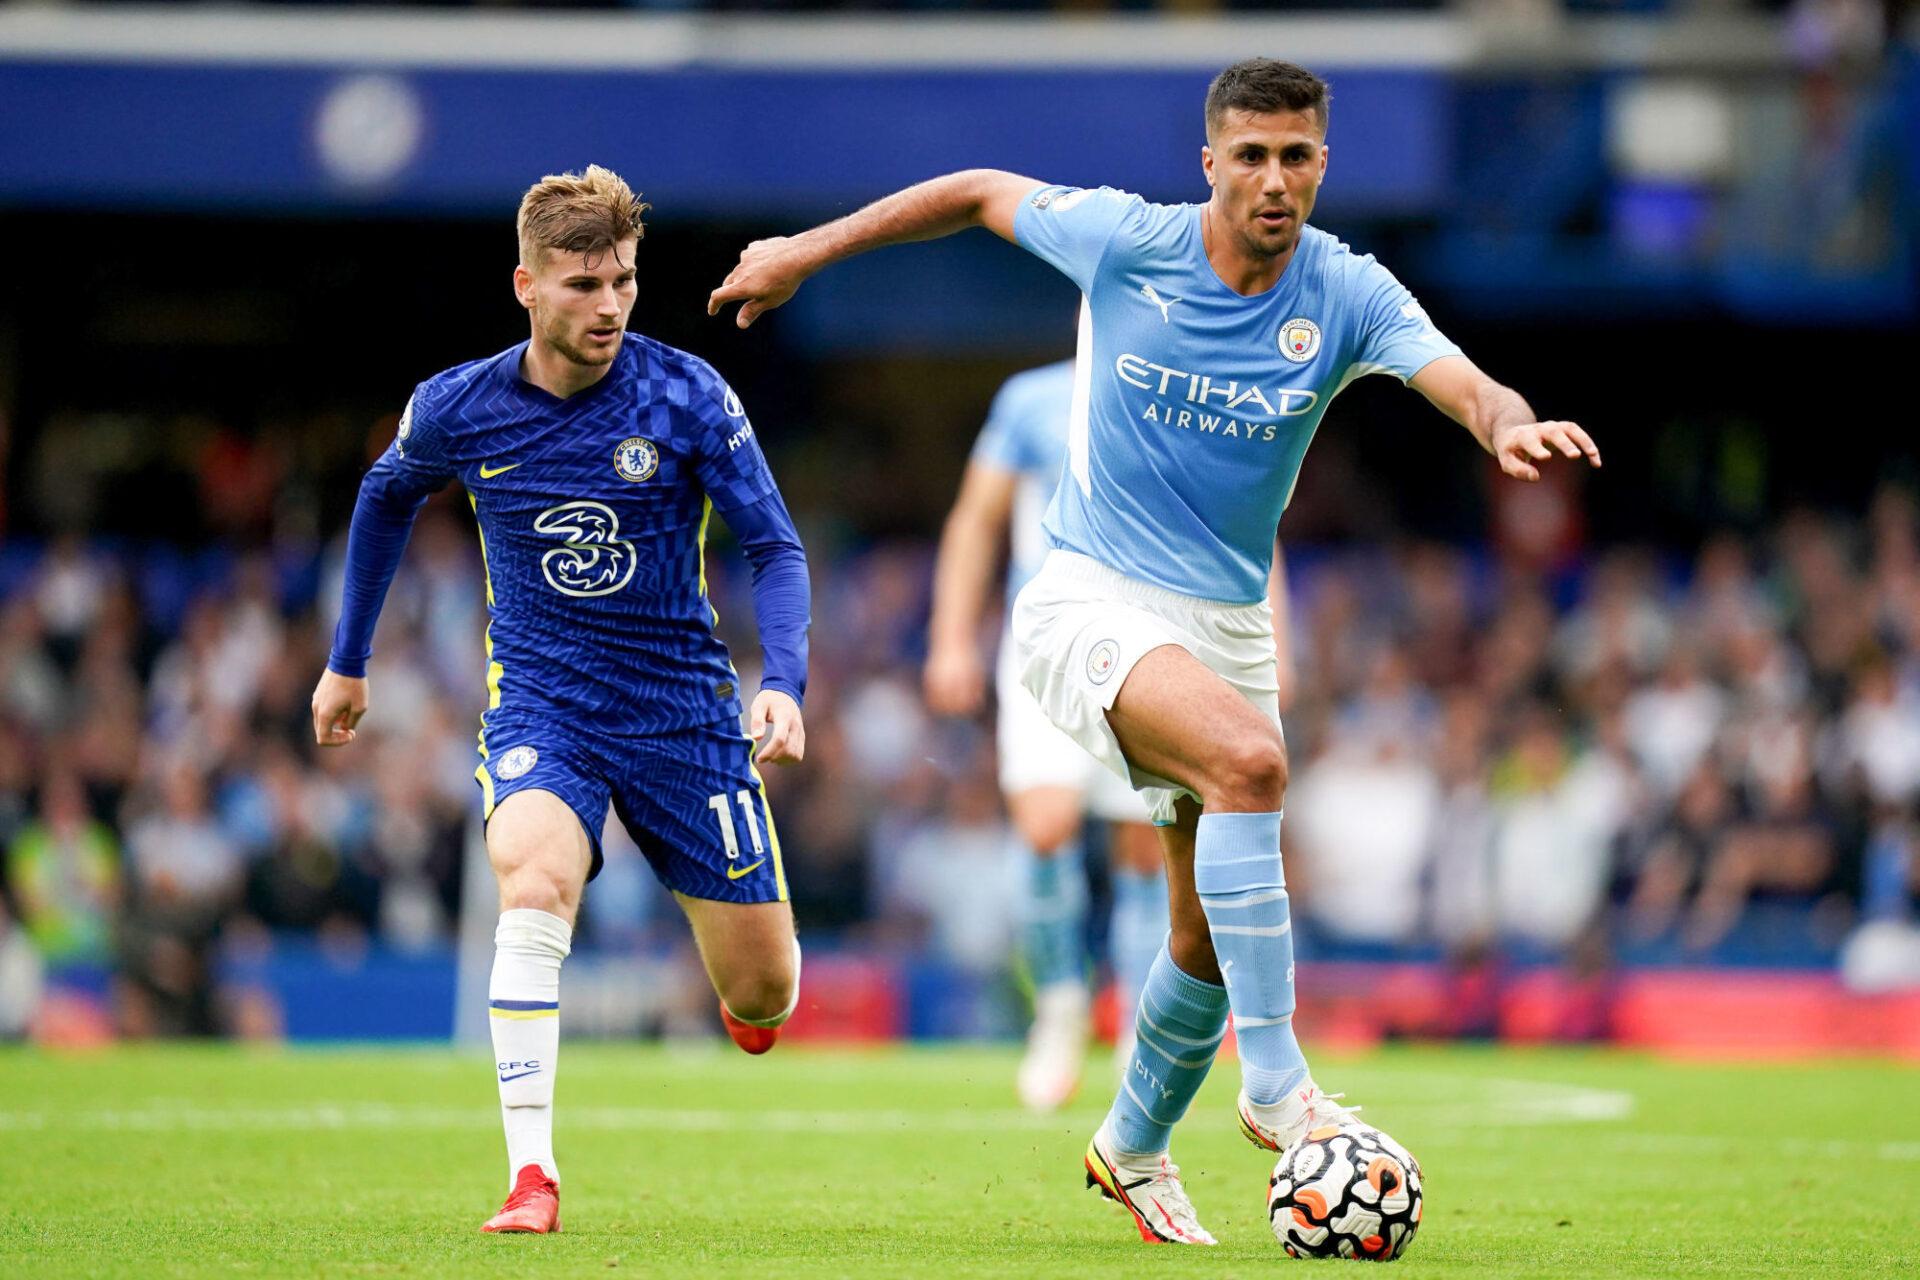 Le Manchester City de Rodri a fait courir le Chelsea de Timo Werner après le ballon pendant toute la première période. Icon Sport